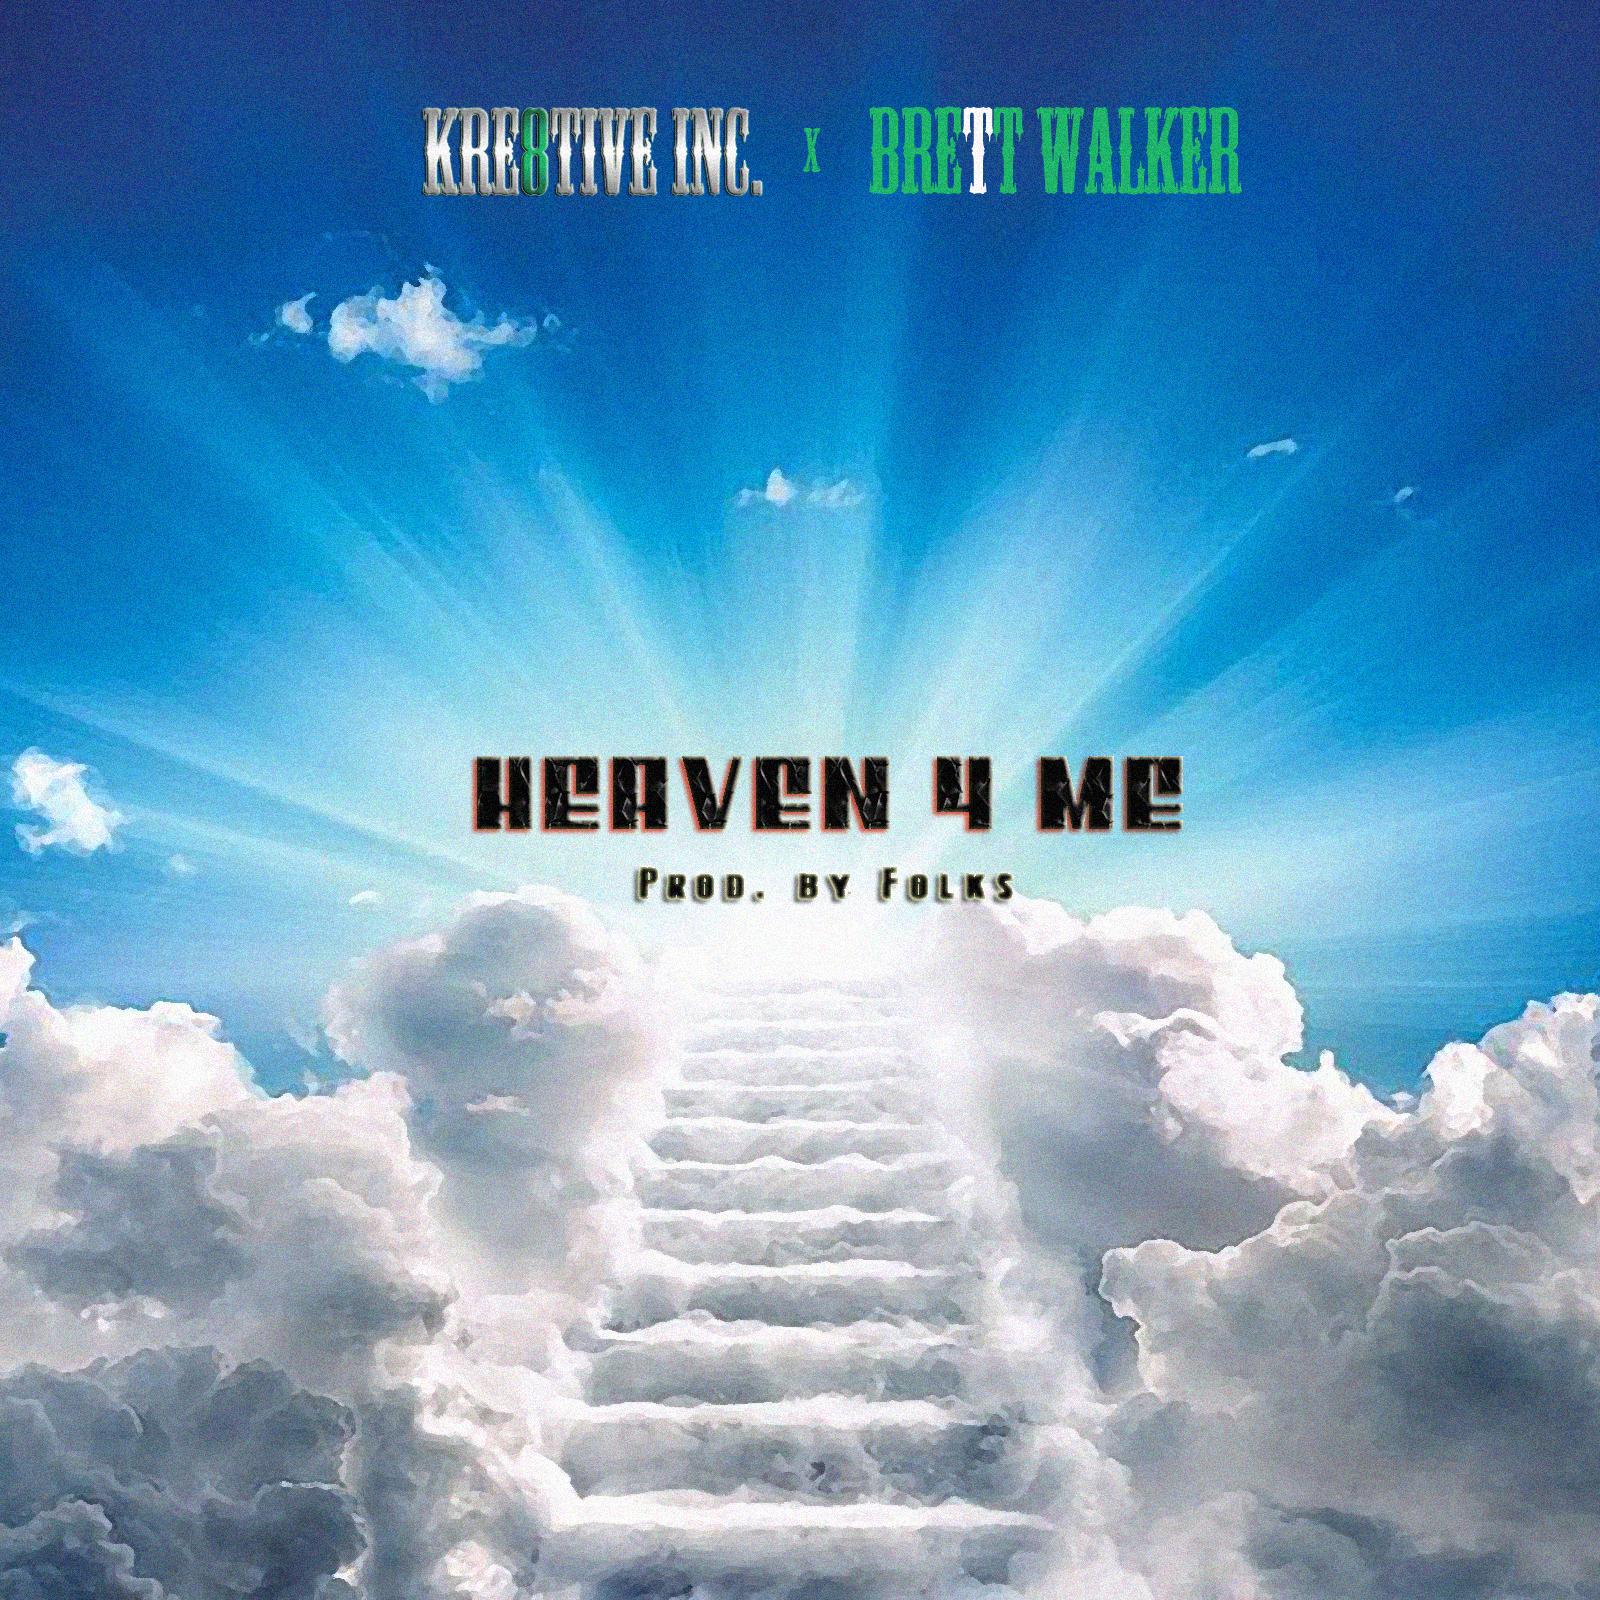 heaven 4 me